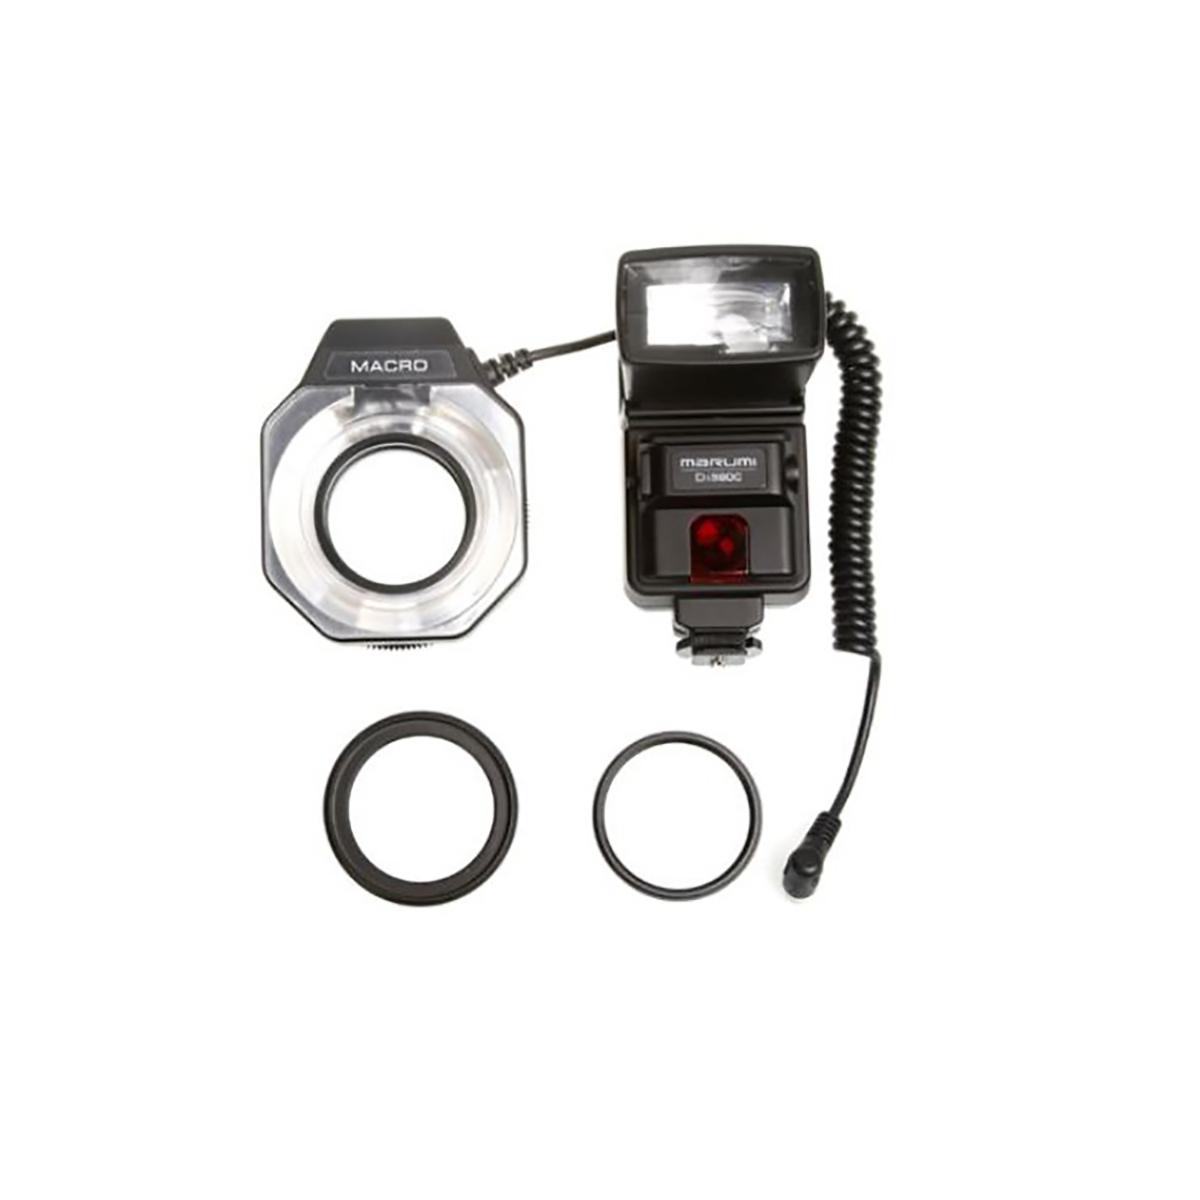 DELTA blesk+makroblesk Di980 pro Canon